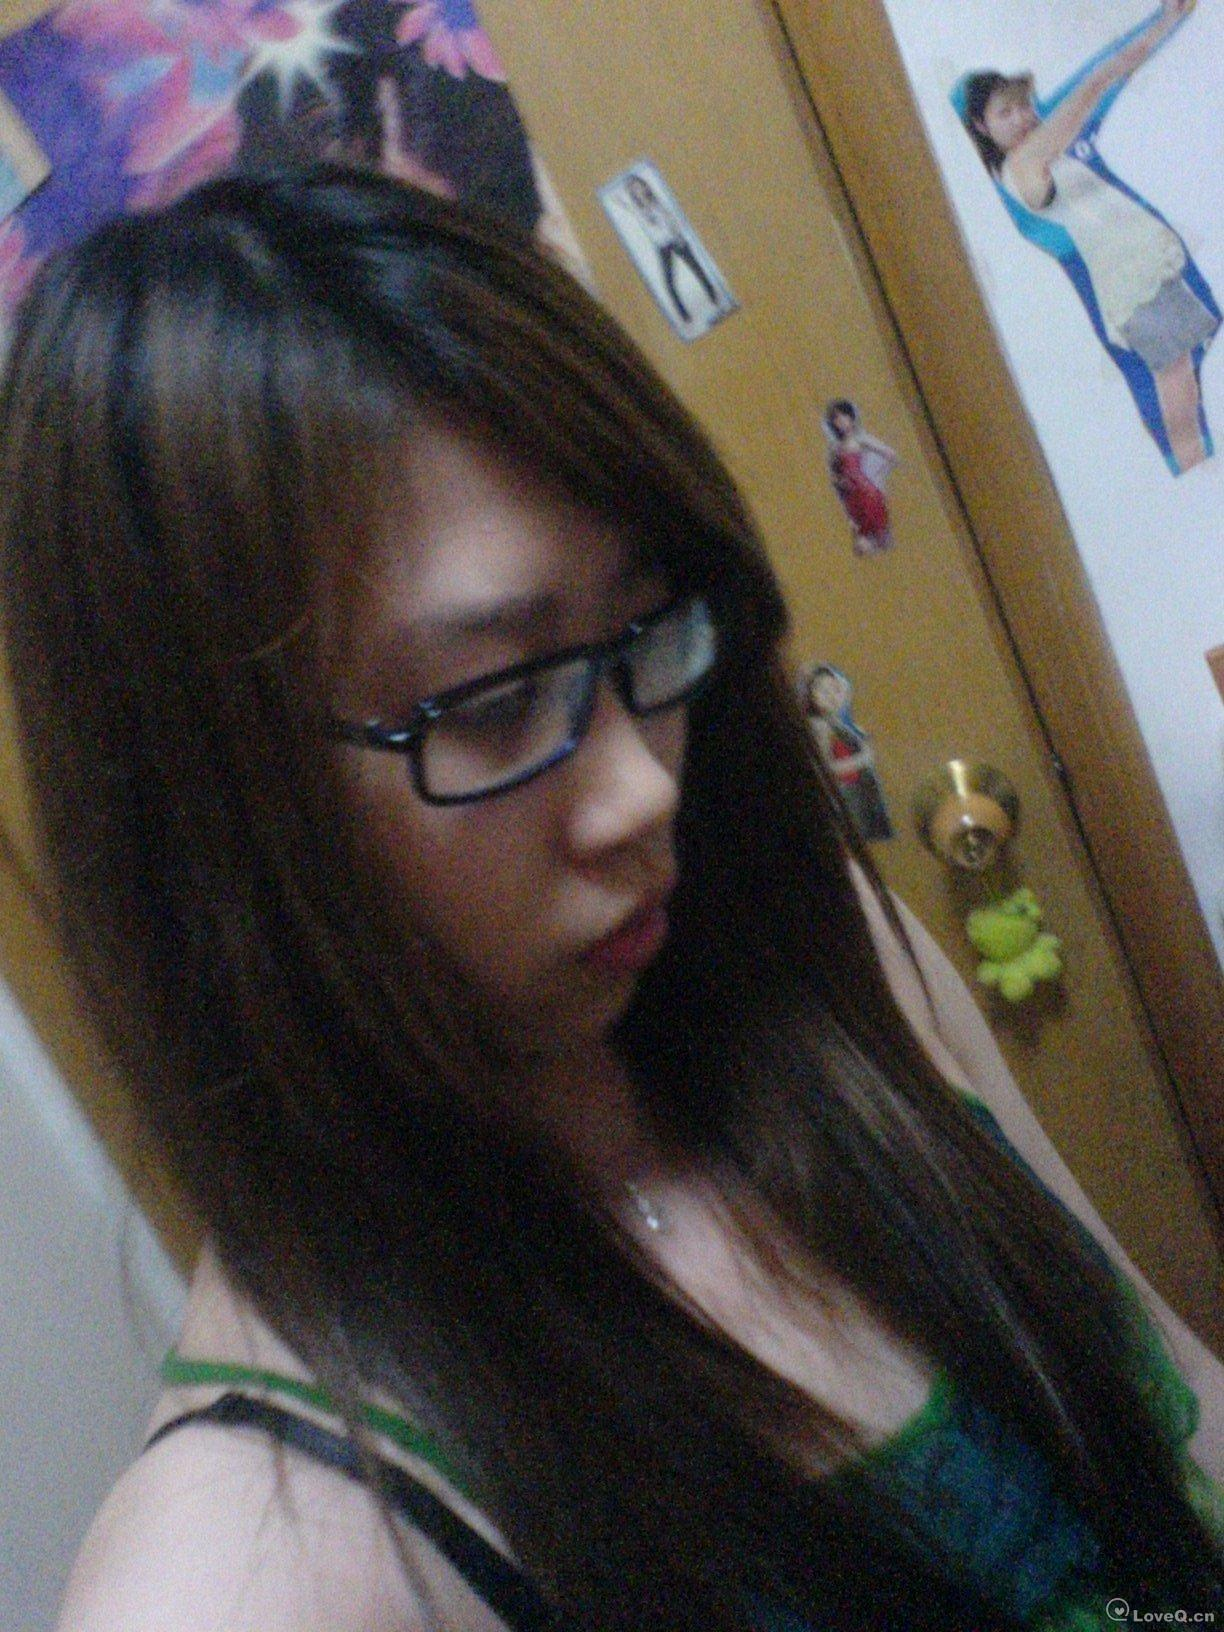 戴眼镜的美女生活照